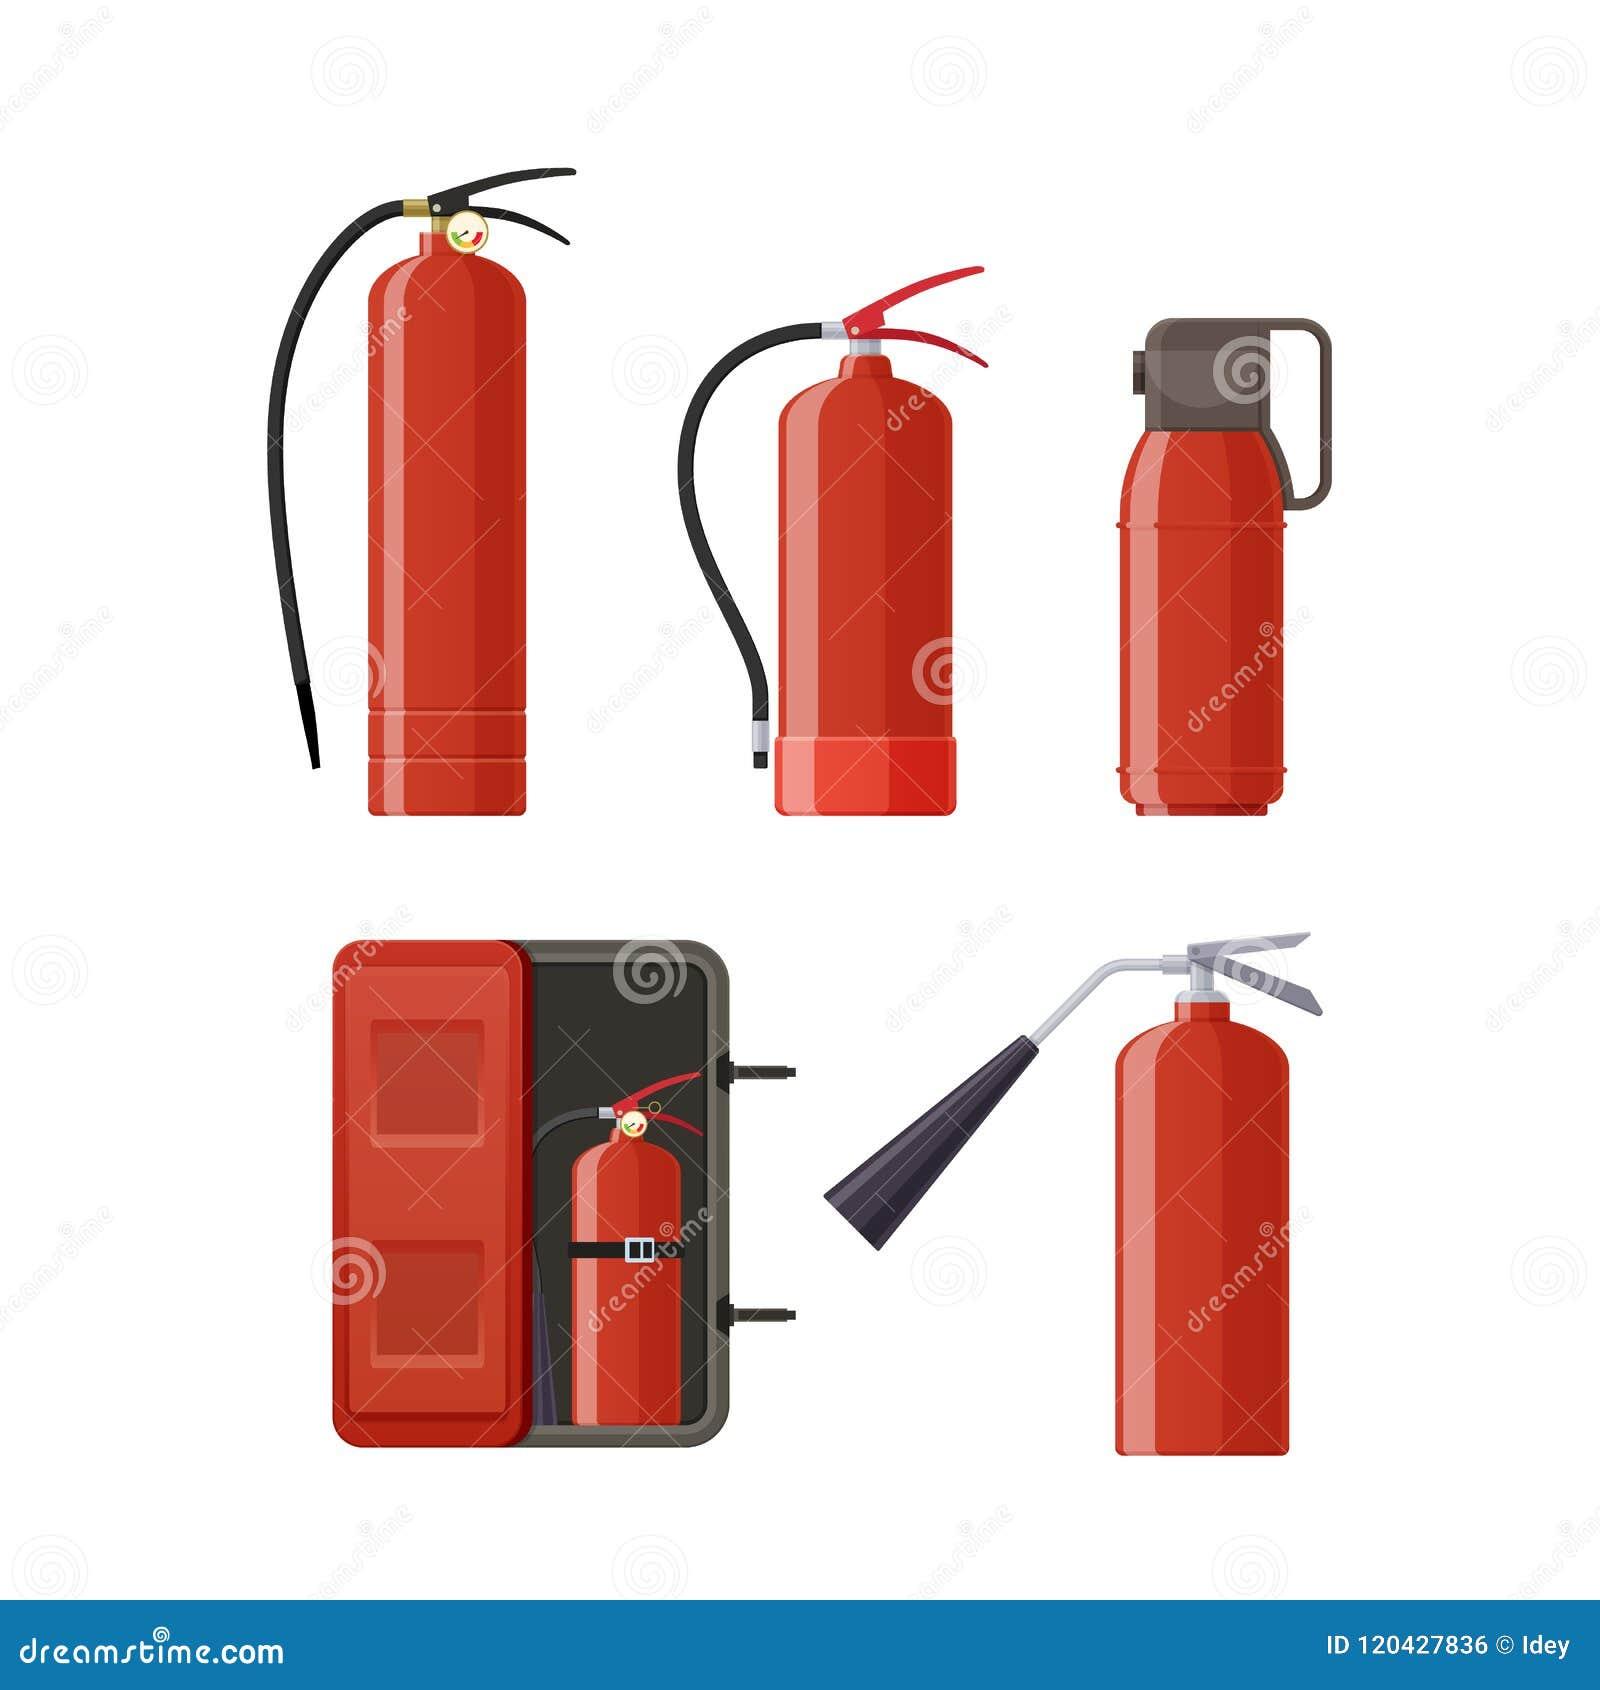 Σύνολο διάφορων πυροσβεστήρων μετάλλων, διάφορες μορφές, ακροφύσια, μάνικες